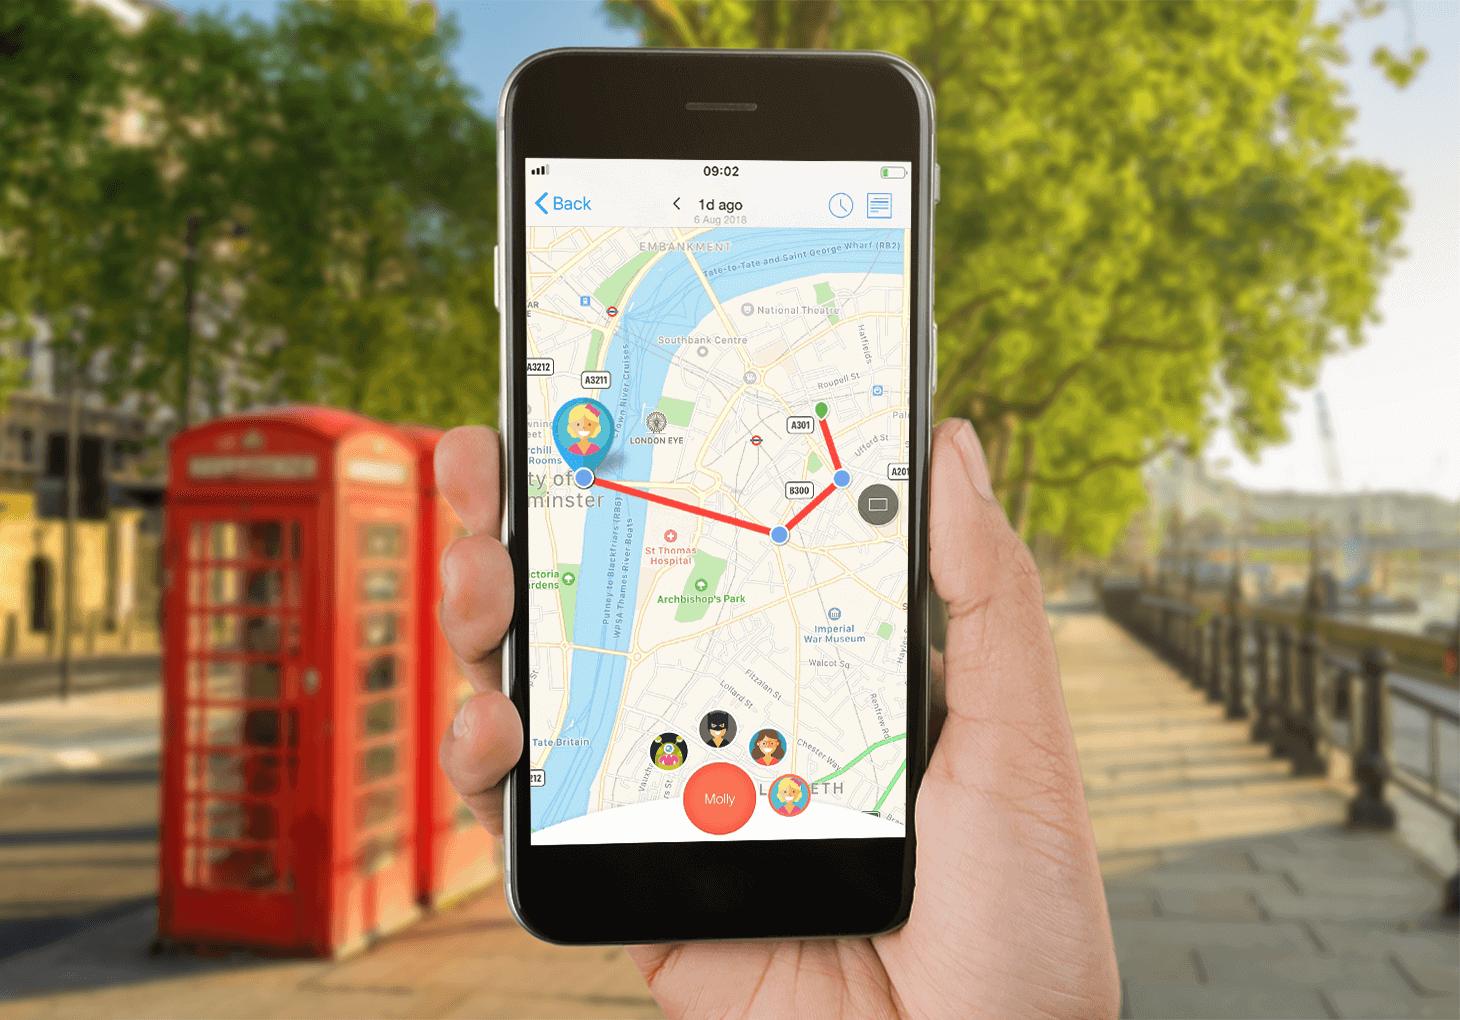 3 cách tìm điện thoại Android bị mất, cách thứ 3 mới mẻ và dễ áp dụng 8